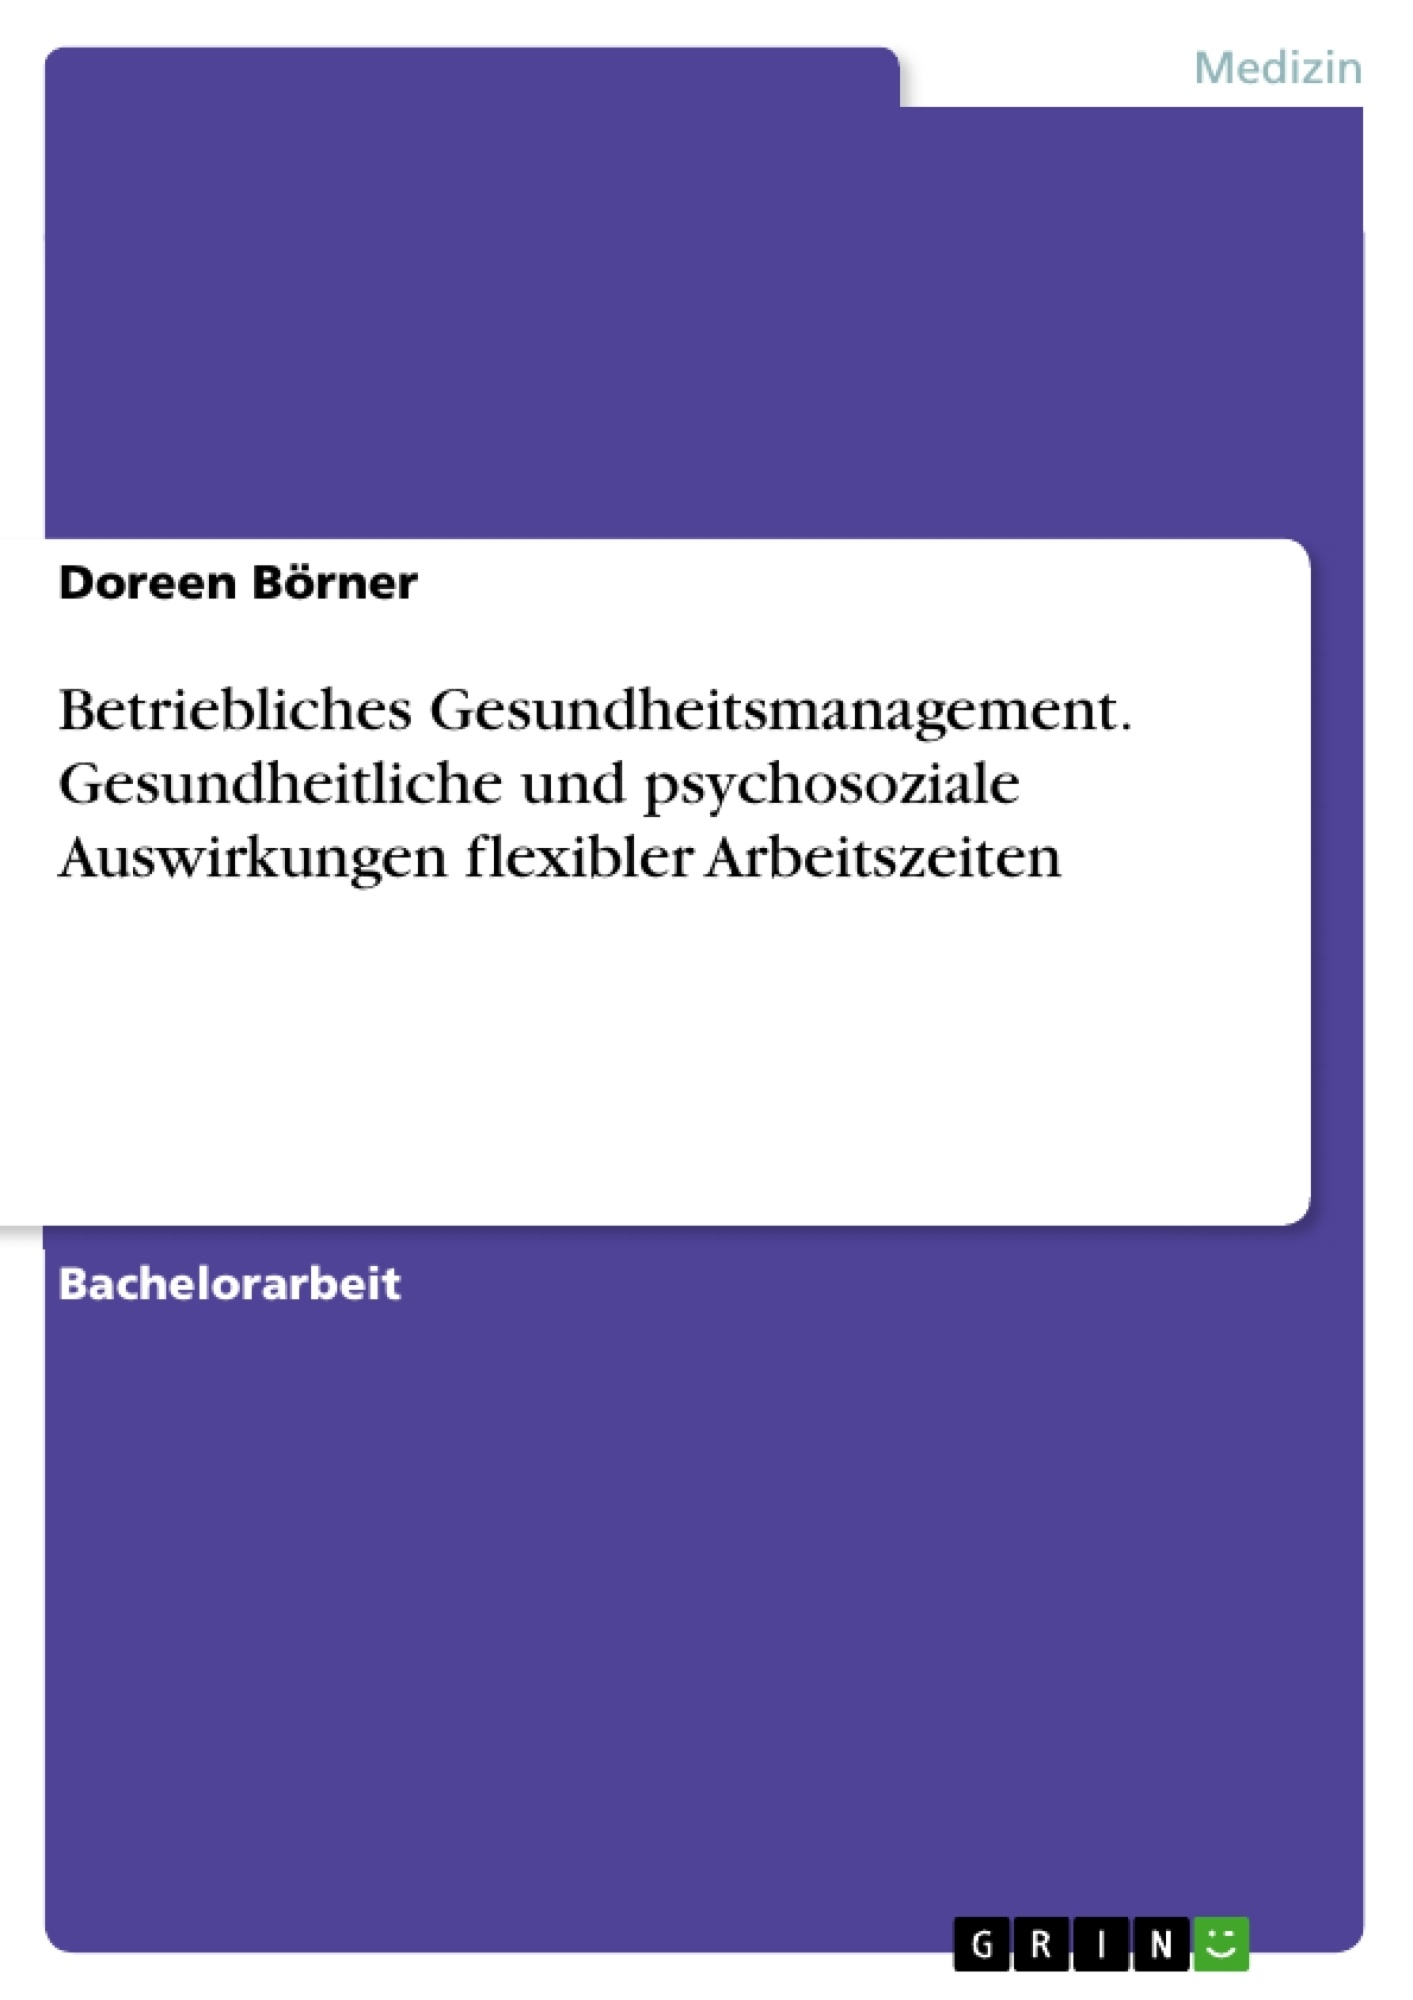 Titel: Betriebliches Gesundheitsmanagement. Gesundheitliche und psychosoziale Auswirkungen flexibler Arbeitszeiten